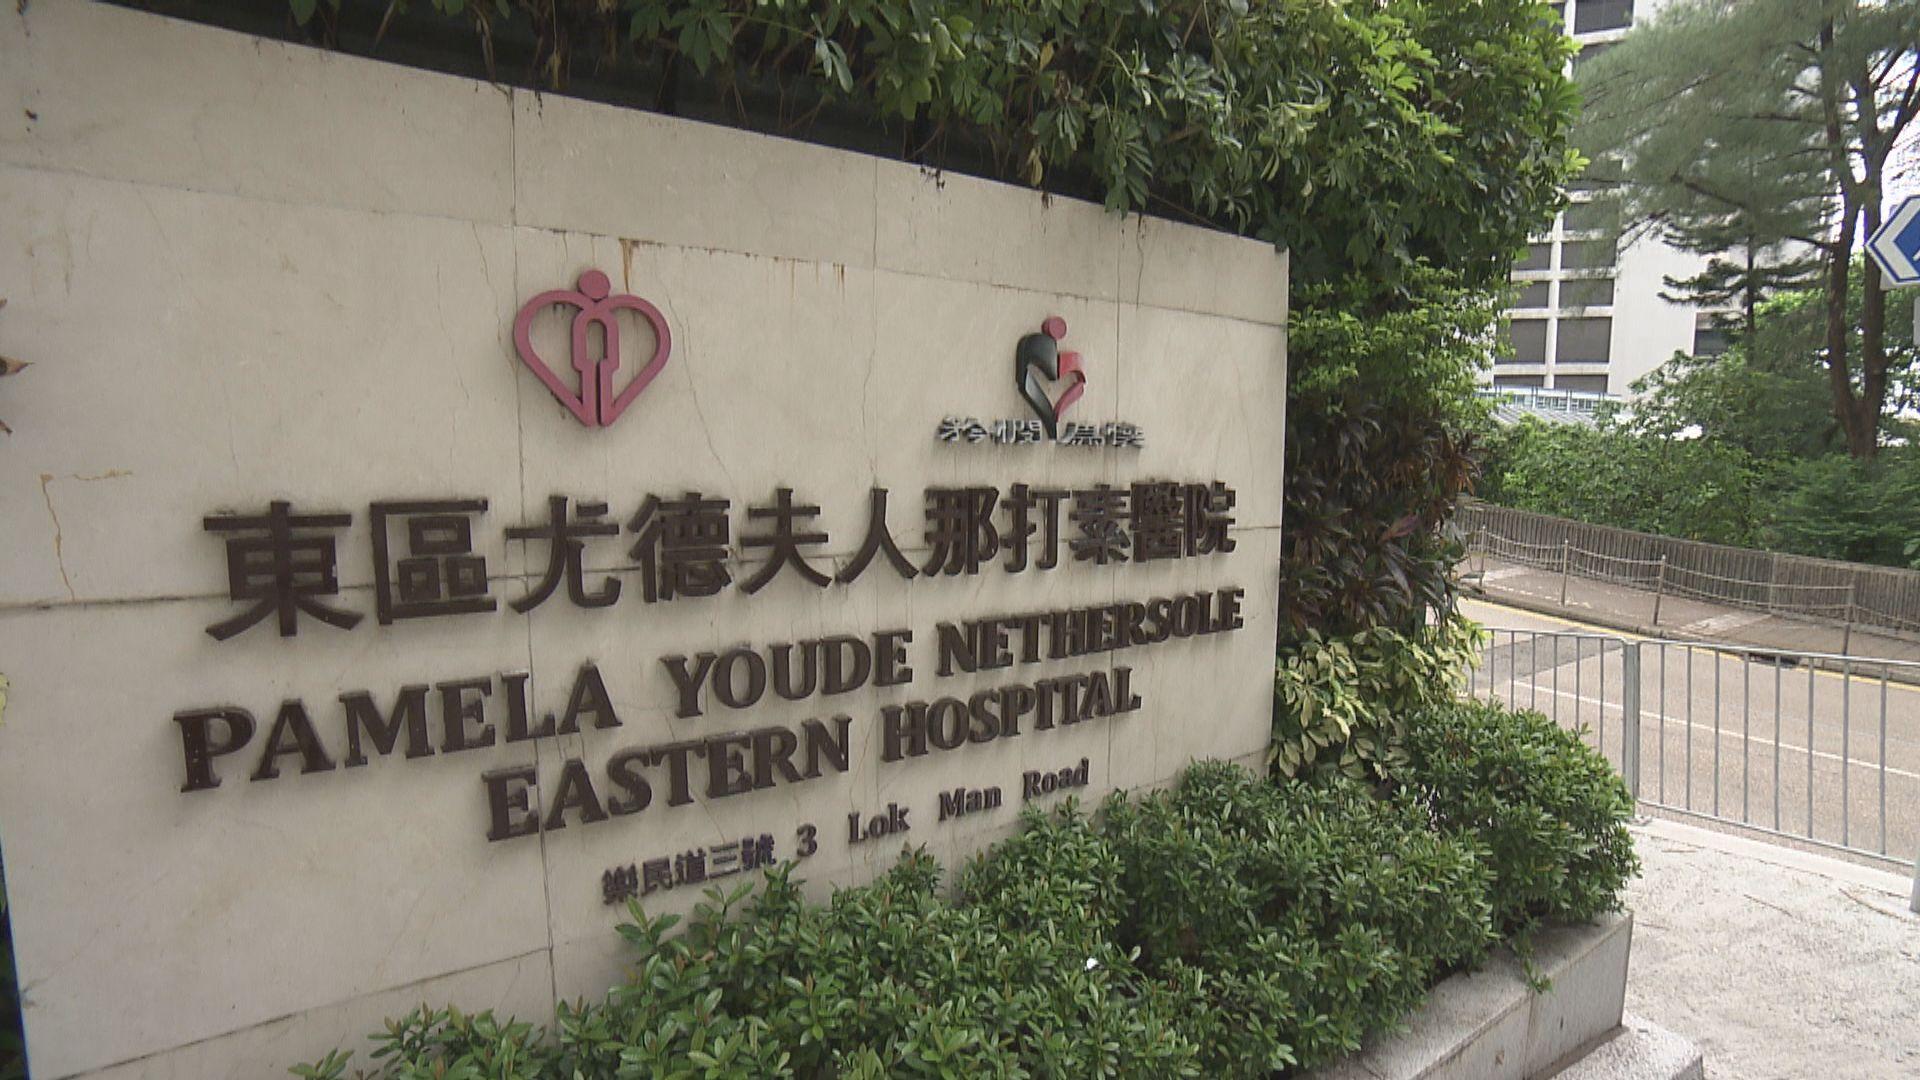 消息:東區醫院96歲女病人初步測試呈陽性